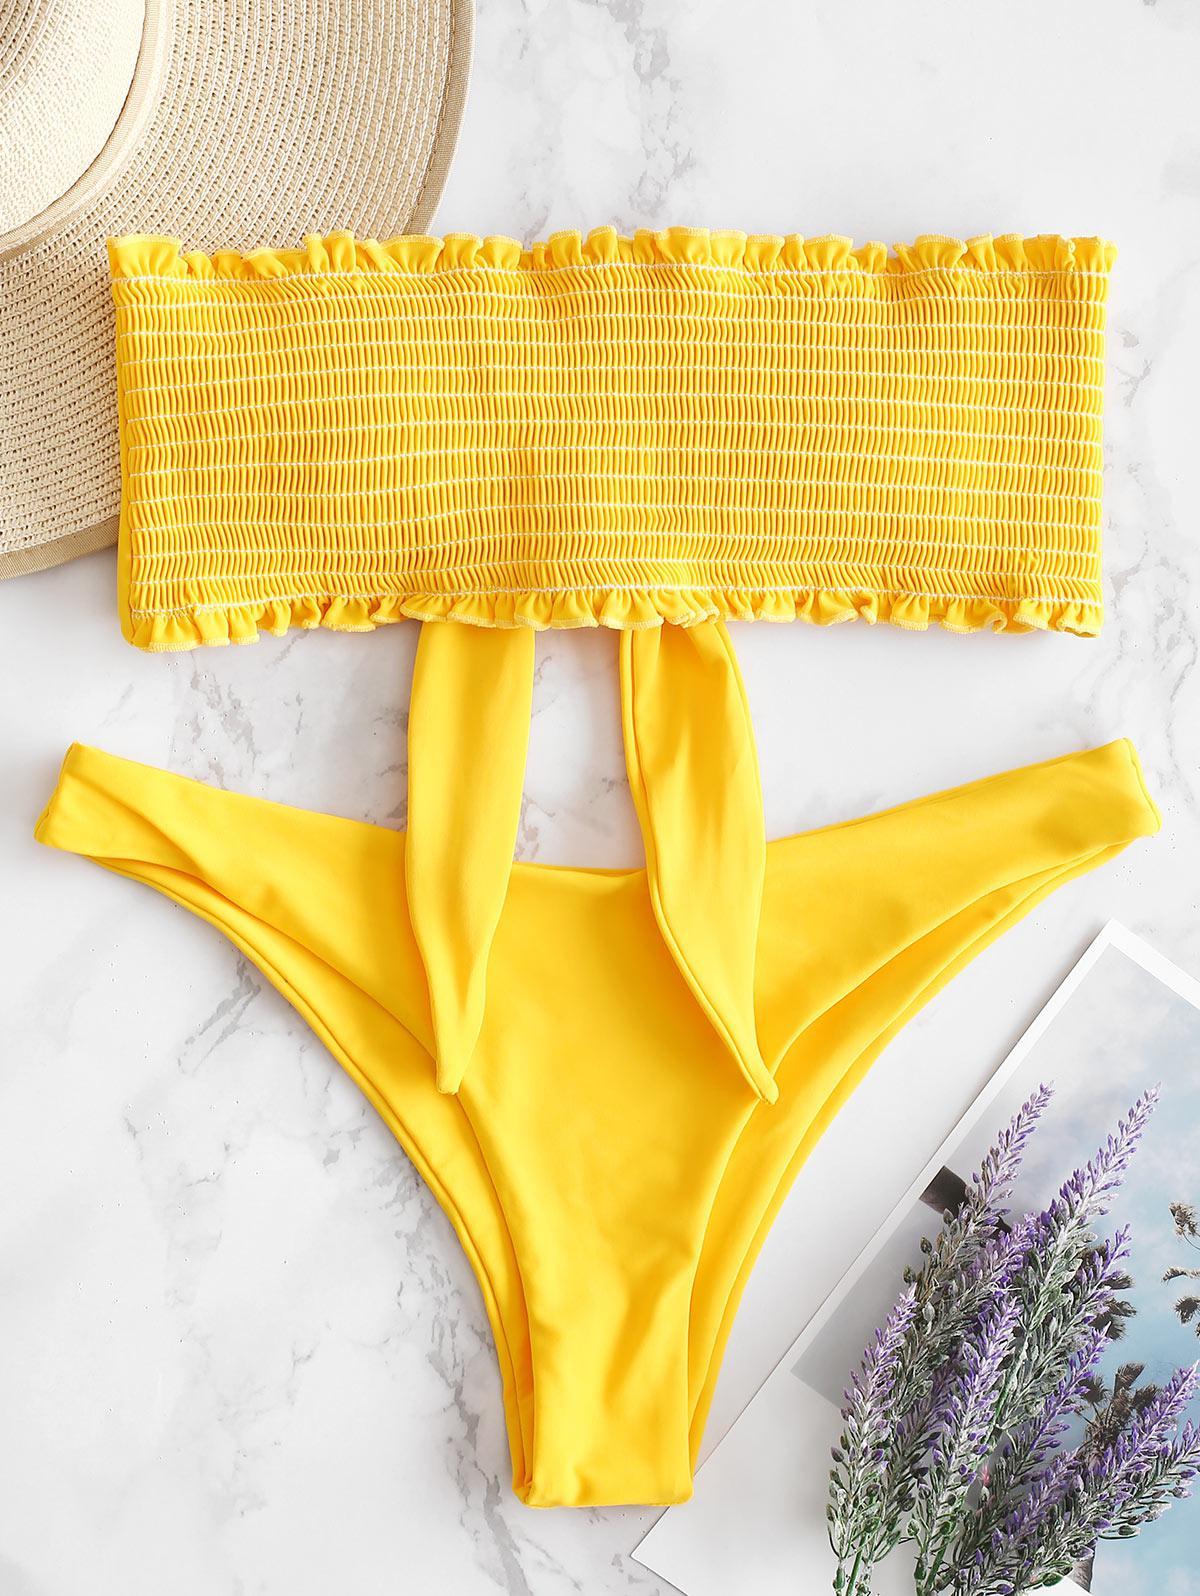 ZAFUL Frilled Knot Smocked Bikini Set, Bee yellow